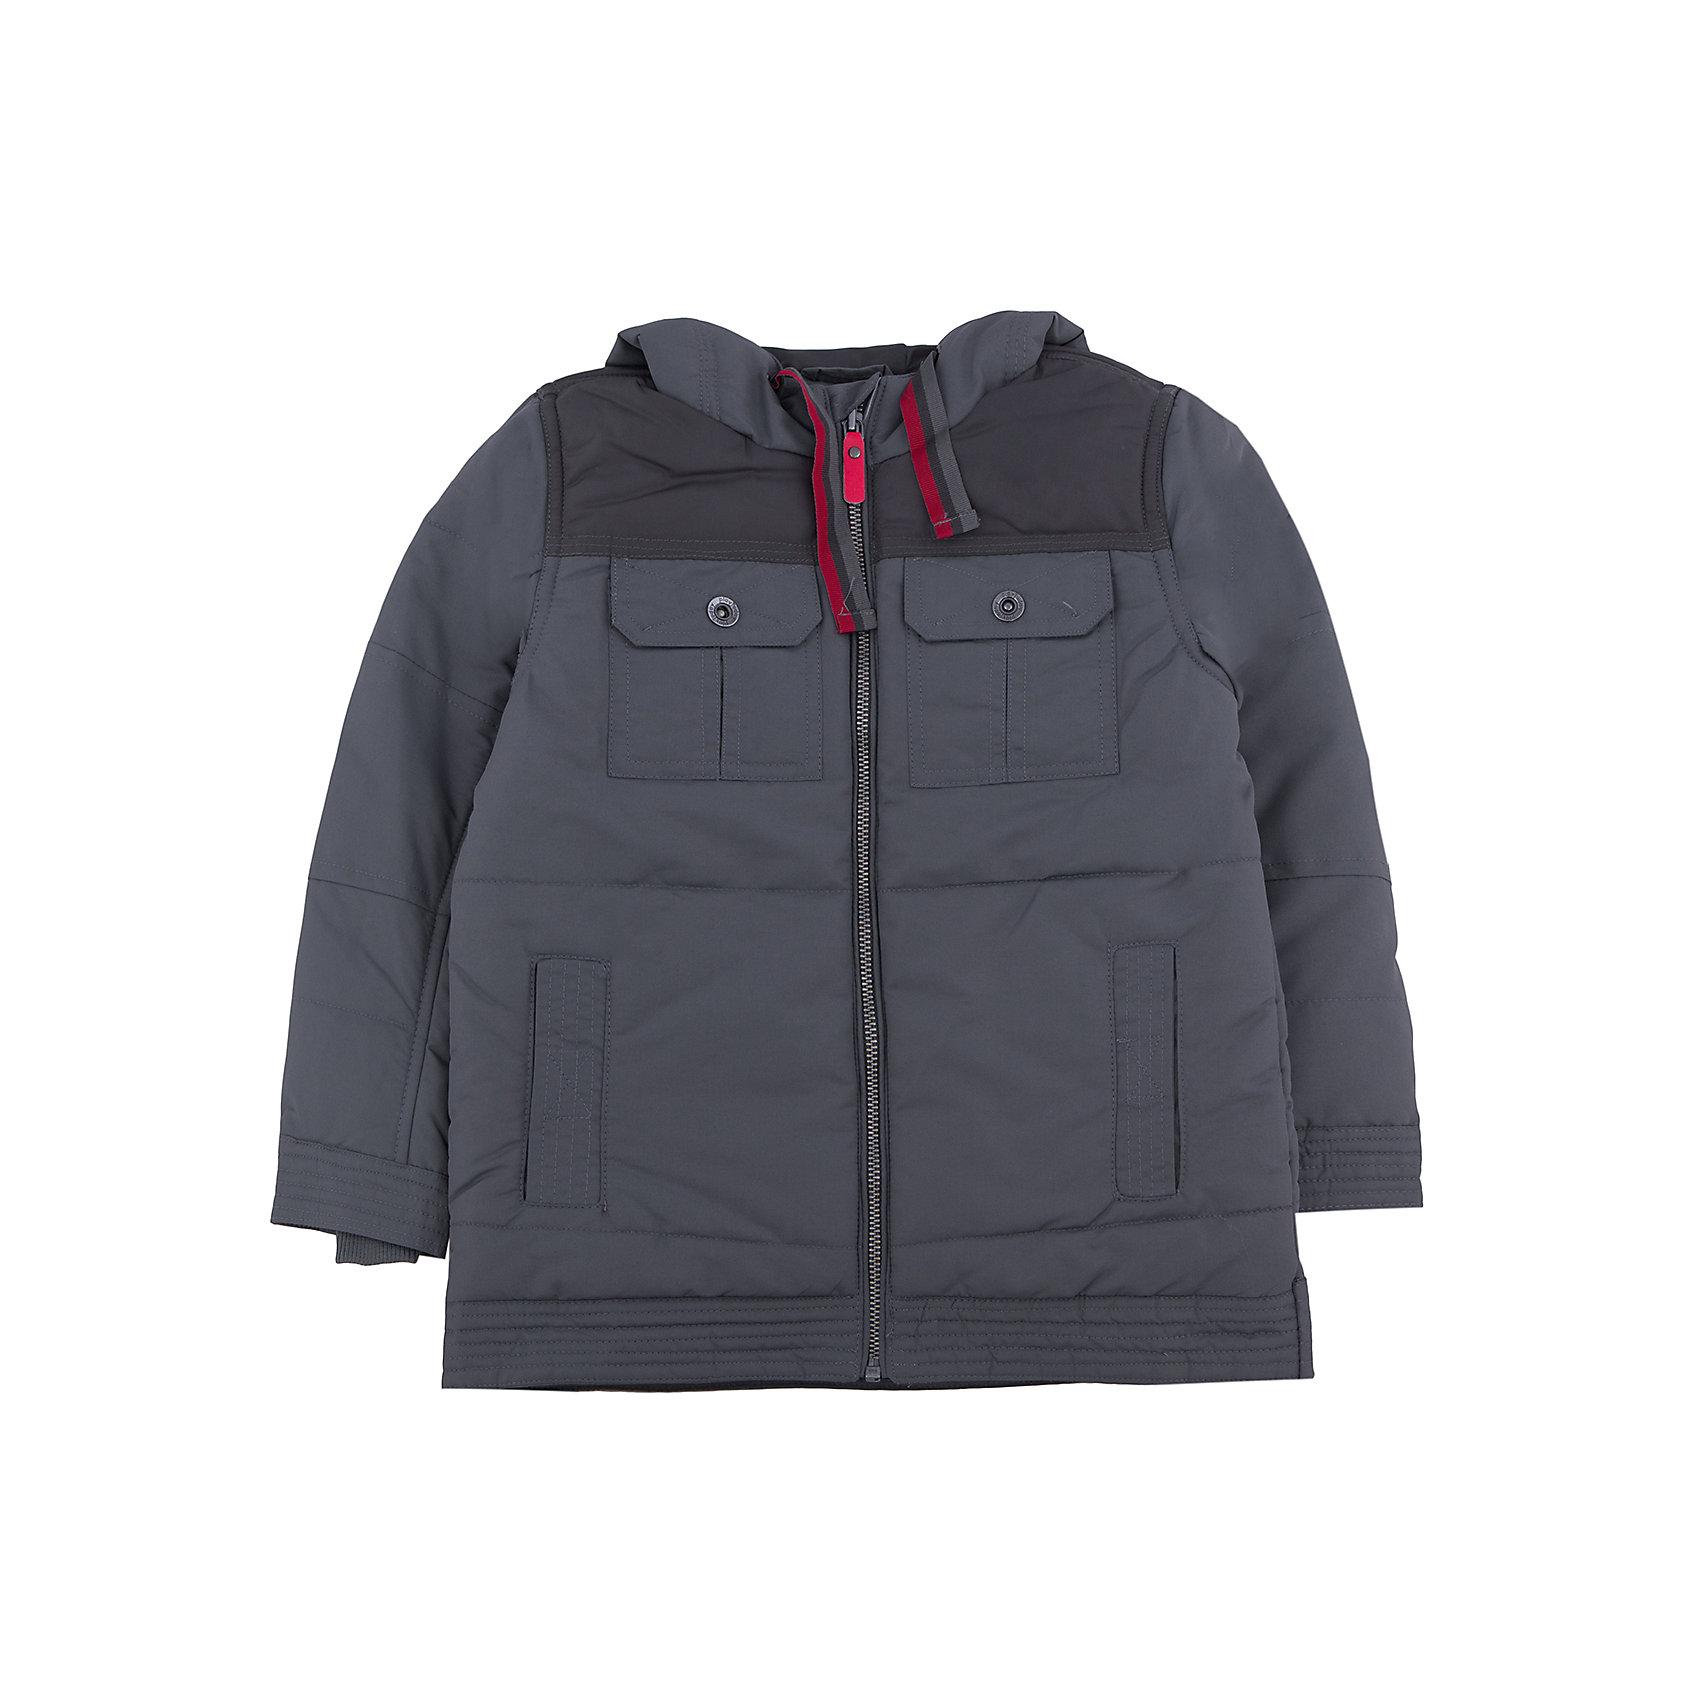 Куртка для мальчика PlayTodayКуртка для мальчика от известного бренда PlayToday.<br>Стильная куртка графитового цвета. Застегивается на молнию с защитой подбородка, есть 4 функциональных кармана. Капюшон утягивается шнурком.<br>Состав:<br>Верх: 100% полиэстер, Подкладка: 100% полиэстер, Наполнитель: 100% полиэстер, 250 г/м2<br><br>Ширина мм: 356<br>Глубина мм: 10<br>Высота мм: 245<br>Вес г: 519<br>Цвет: серый<br>Возраст от месяцев: 36<br>Возраст до месяцев: 48<br>Пол: Мужской<br>Возраст: Детский<br>Размер: 110,116,128,104,122,98<br>SKU: 4896536